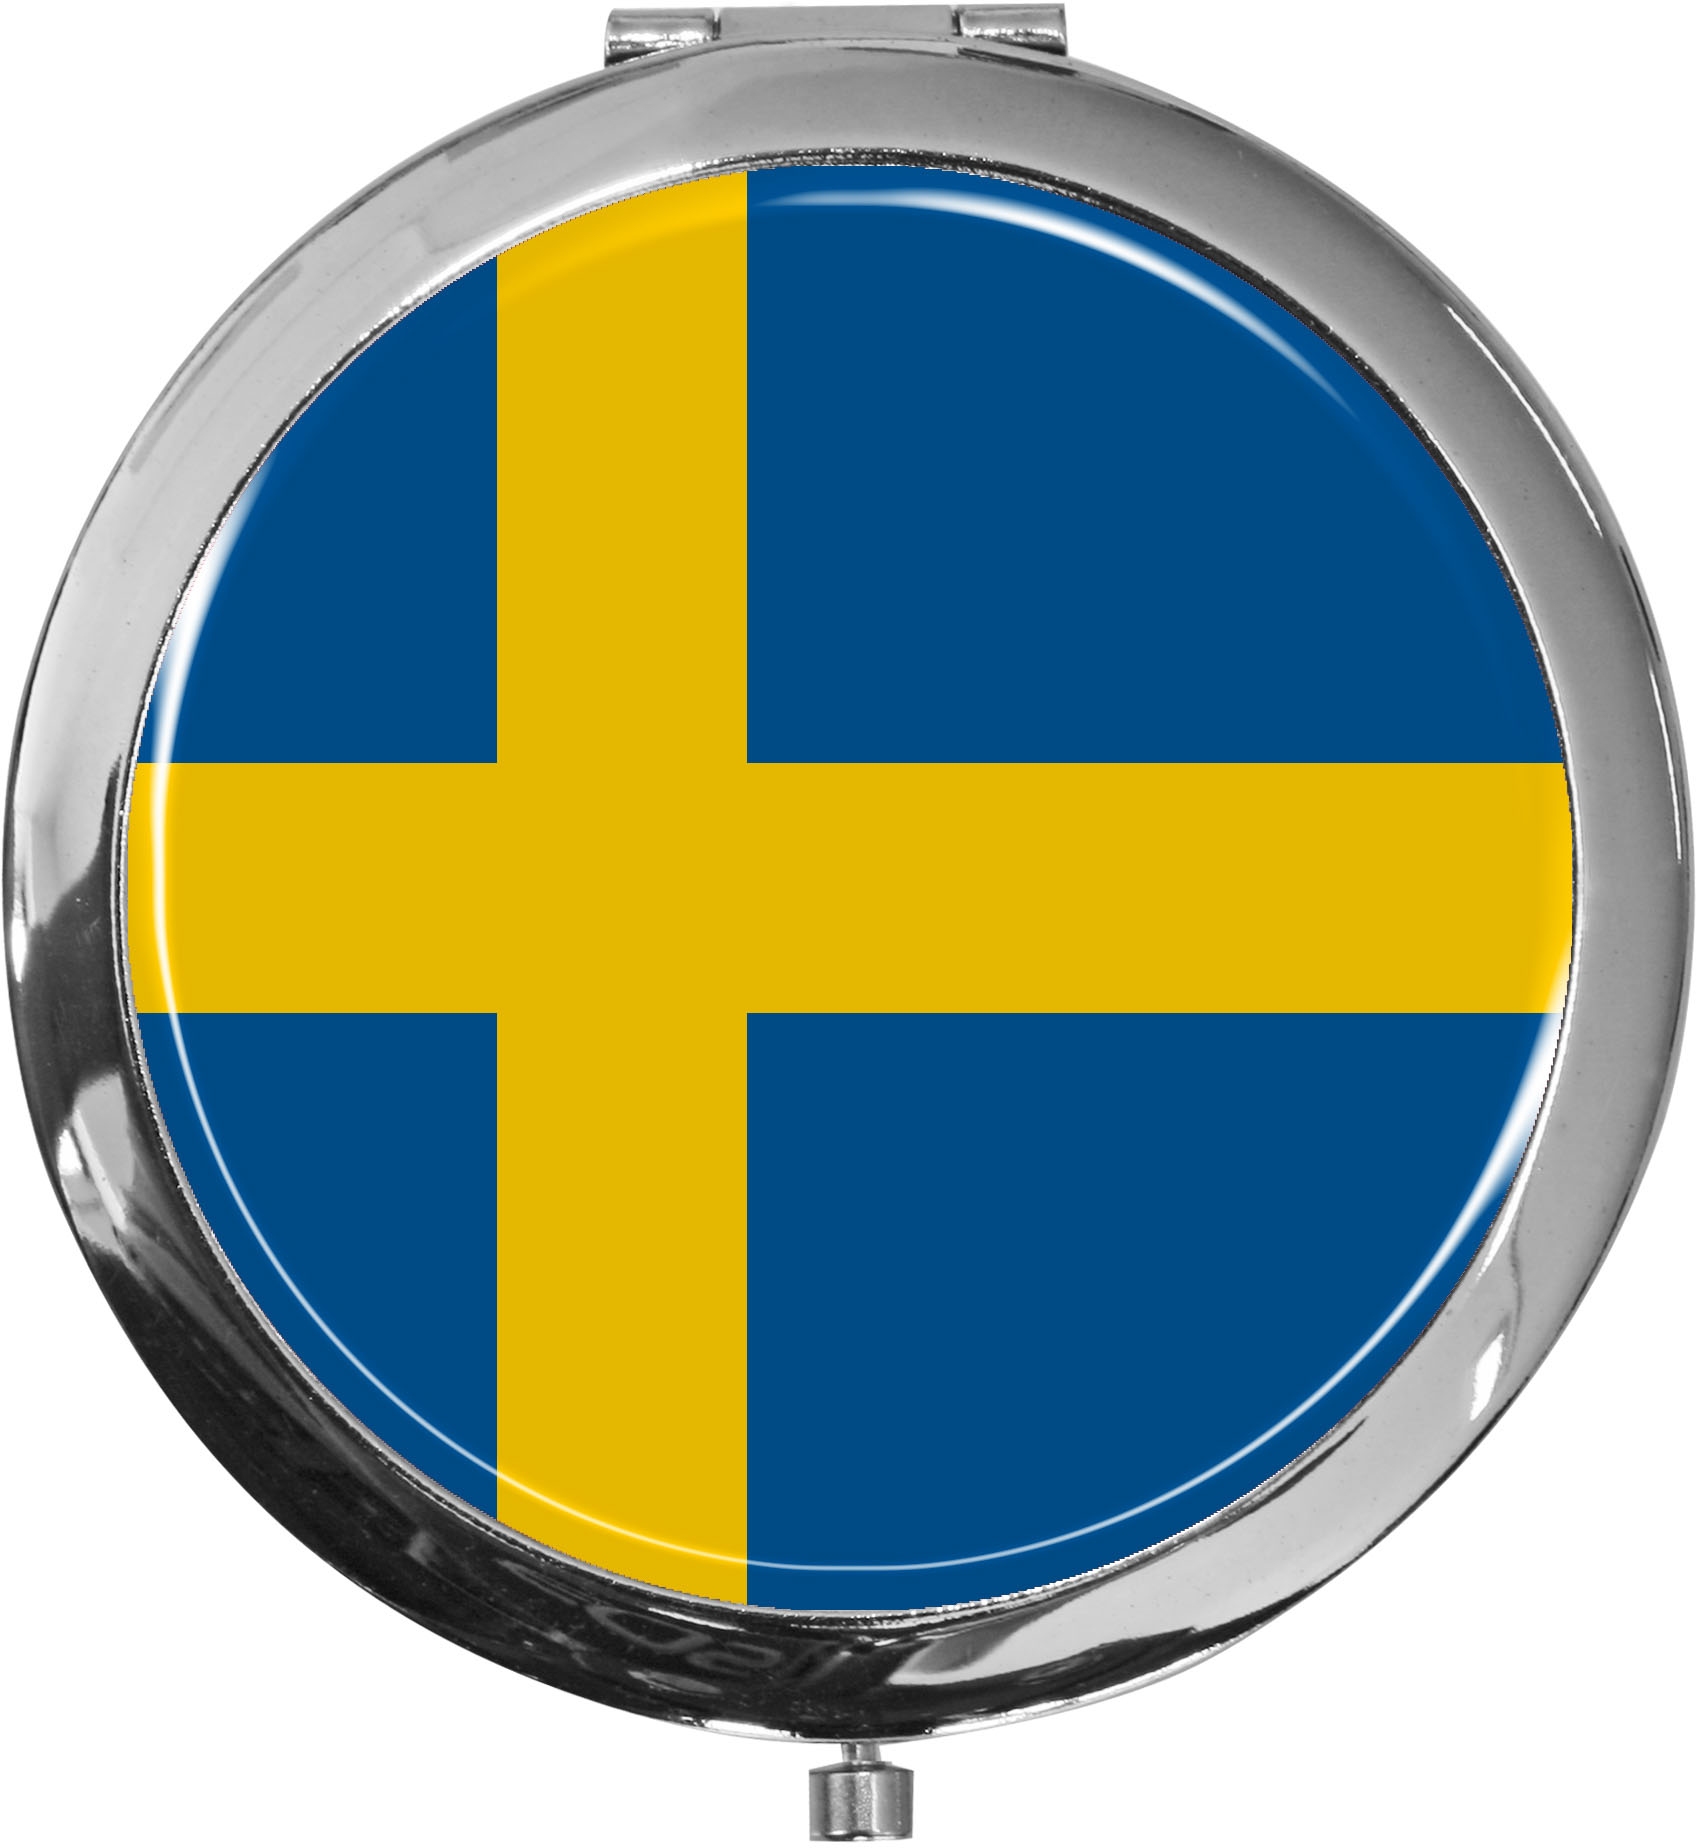 Taschenspiegel / Spiegel / Flagge Schweden / 2 fache Vergrößerung